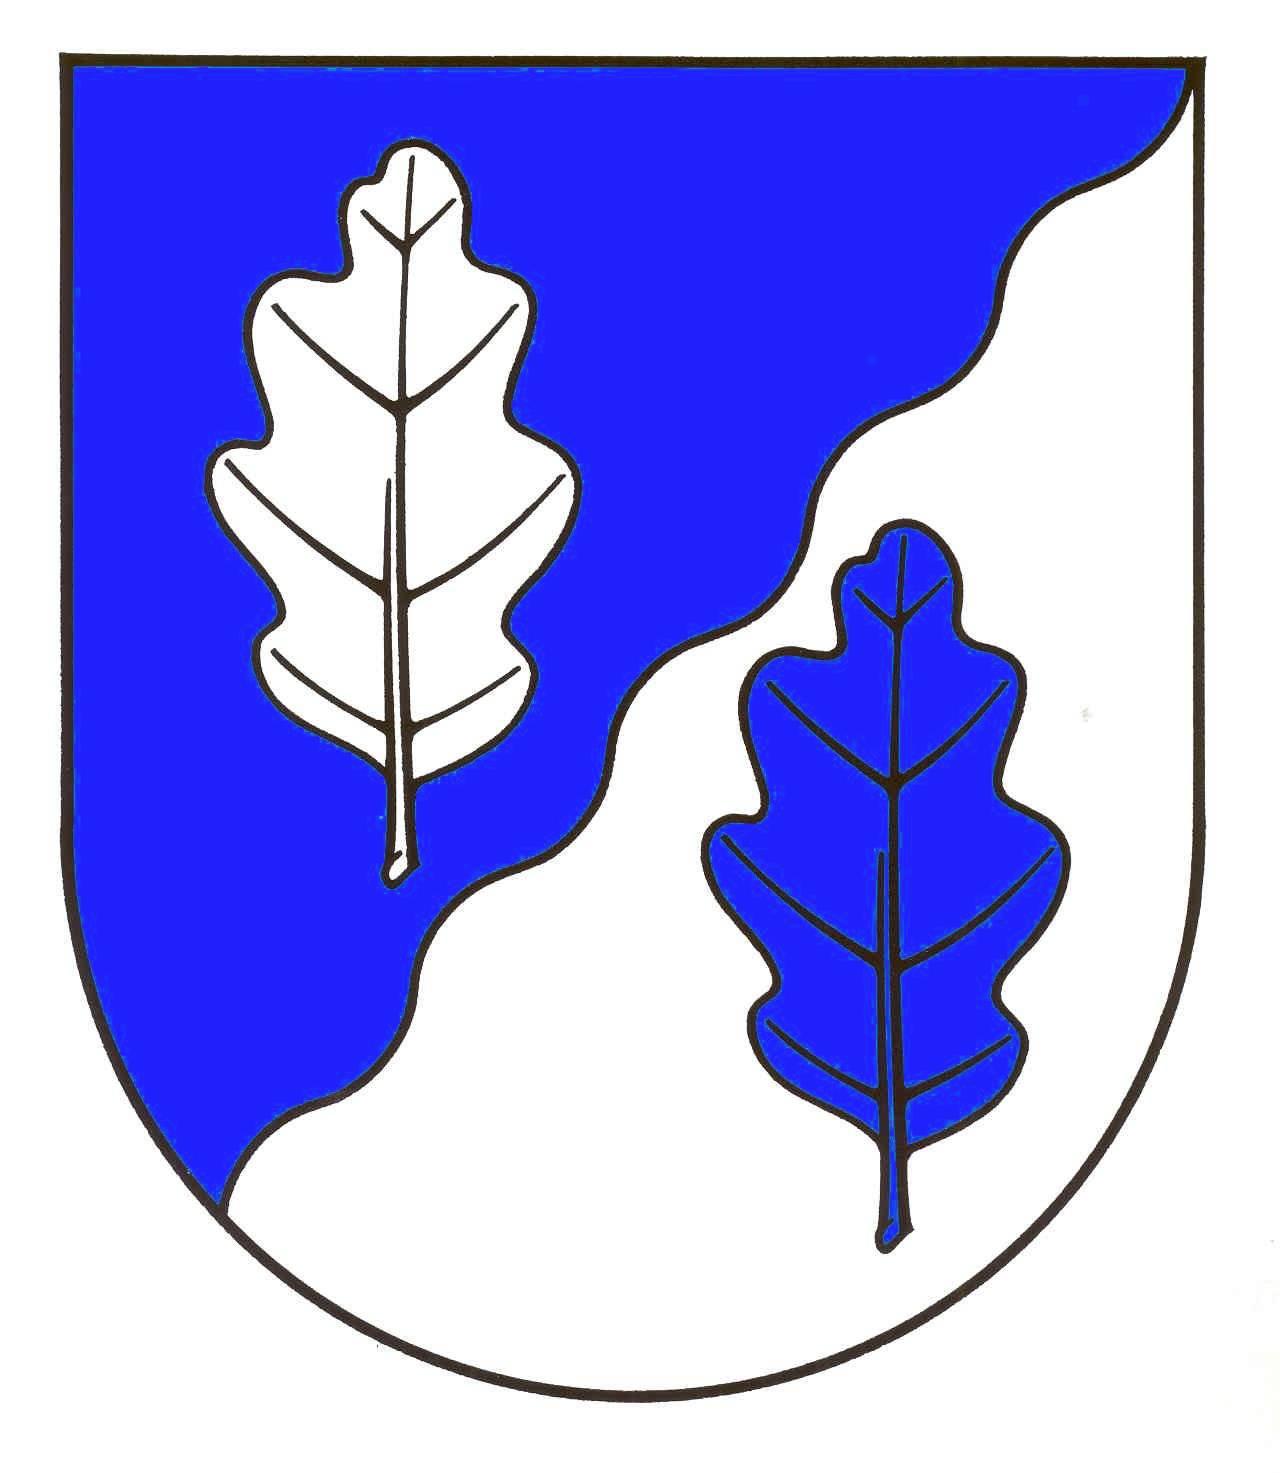 Wappen GemeindeTodenbüttel, Kreis Rendsburg-Eckernförde